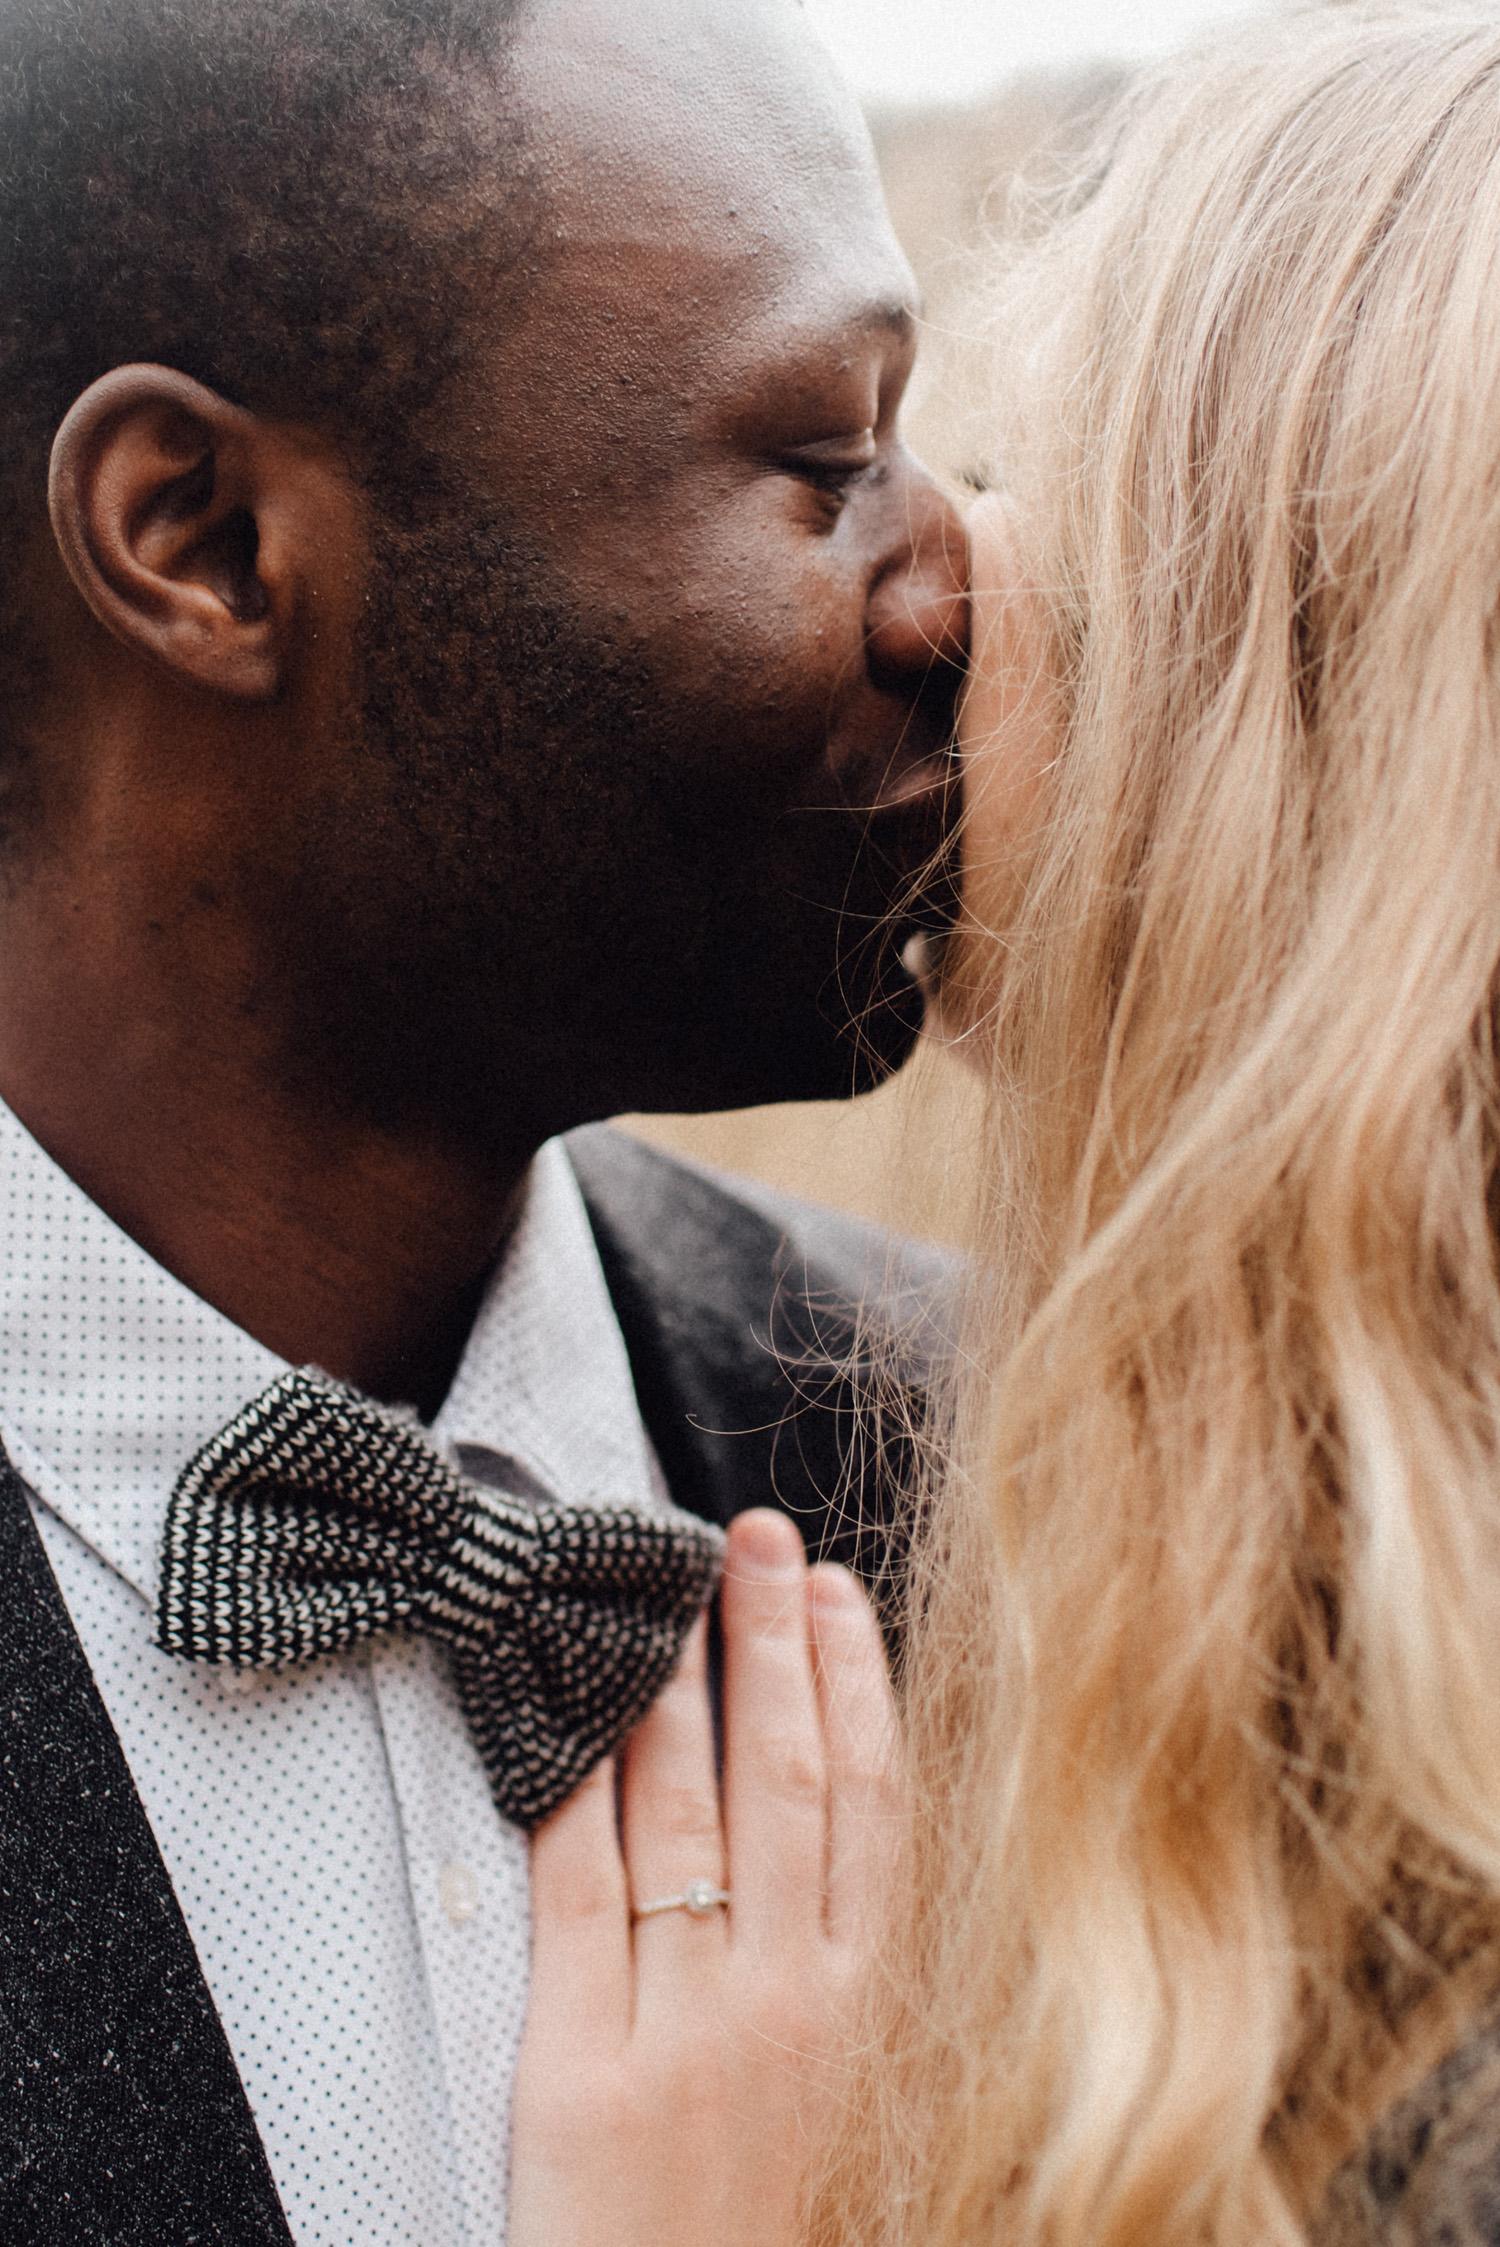 Ein Mann küsst seine Frau liebevoll auf die Wange